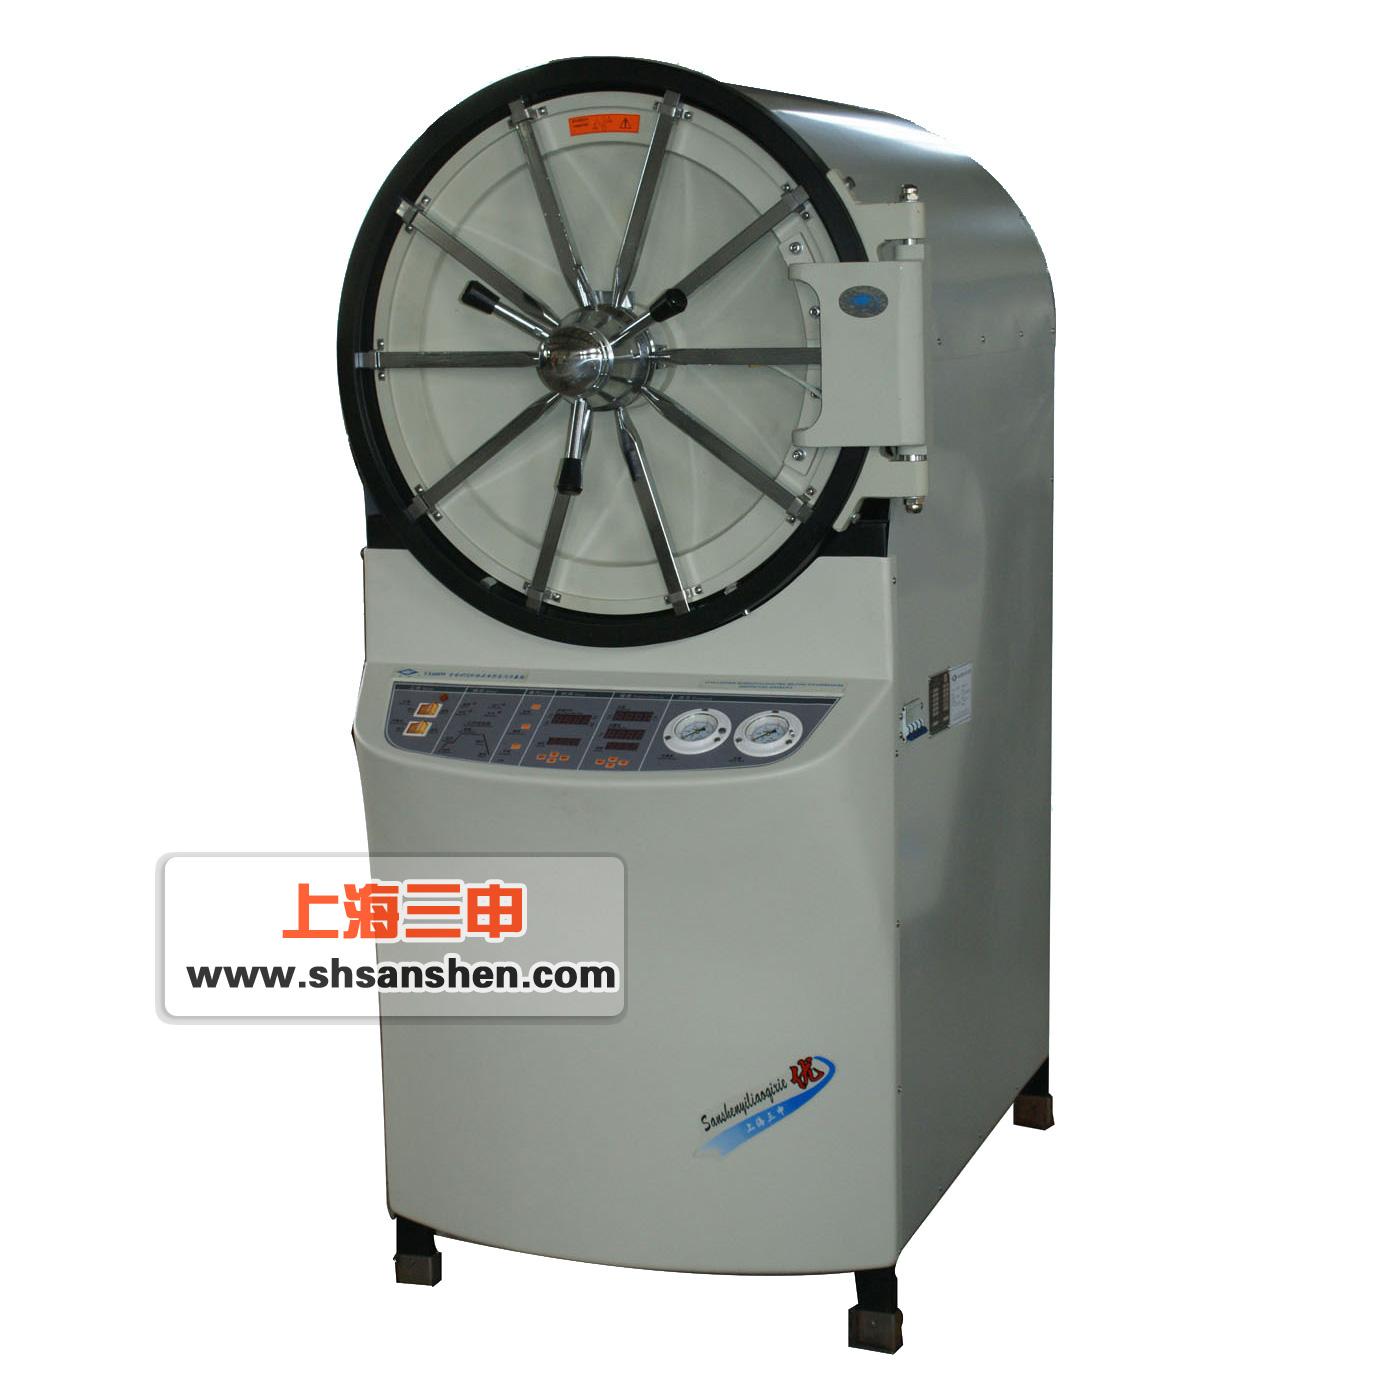 上海三申卧式圆形压力蒸汽xx色综合YX-600W 卧式医用高压灭菌锅消毒锅(150L)